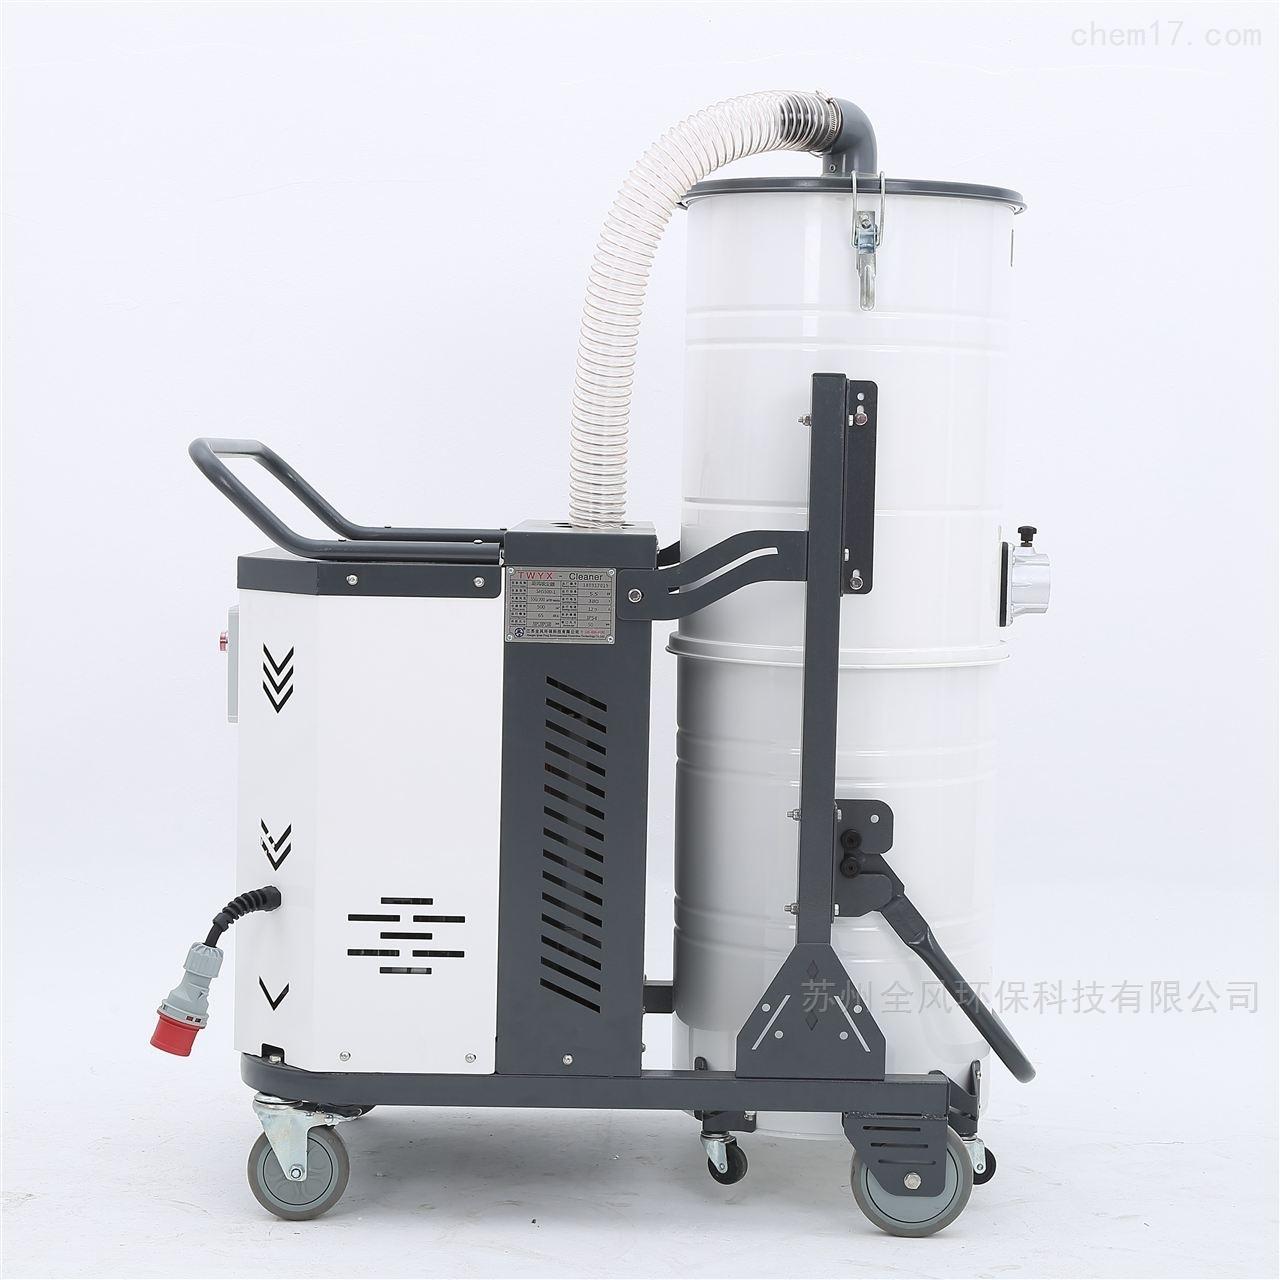 五金厂房吸尘除尘用手推式脉冲吸尘器